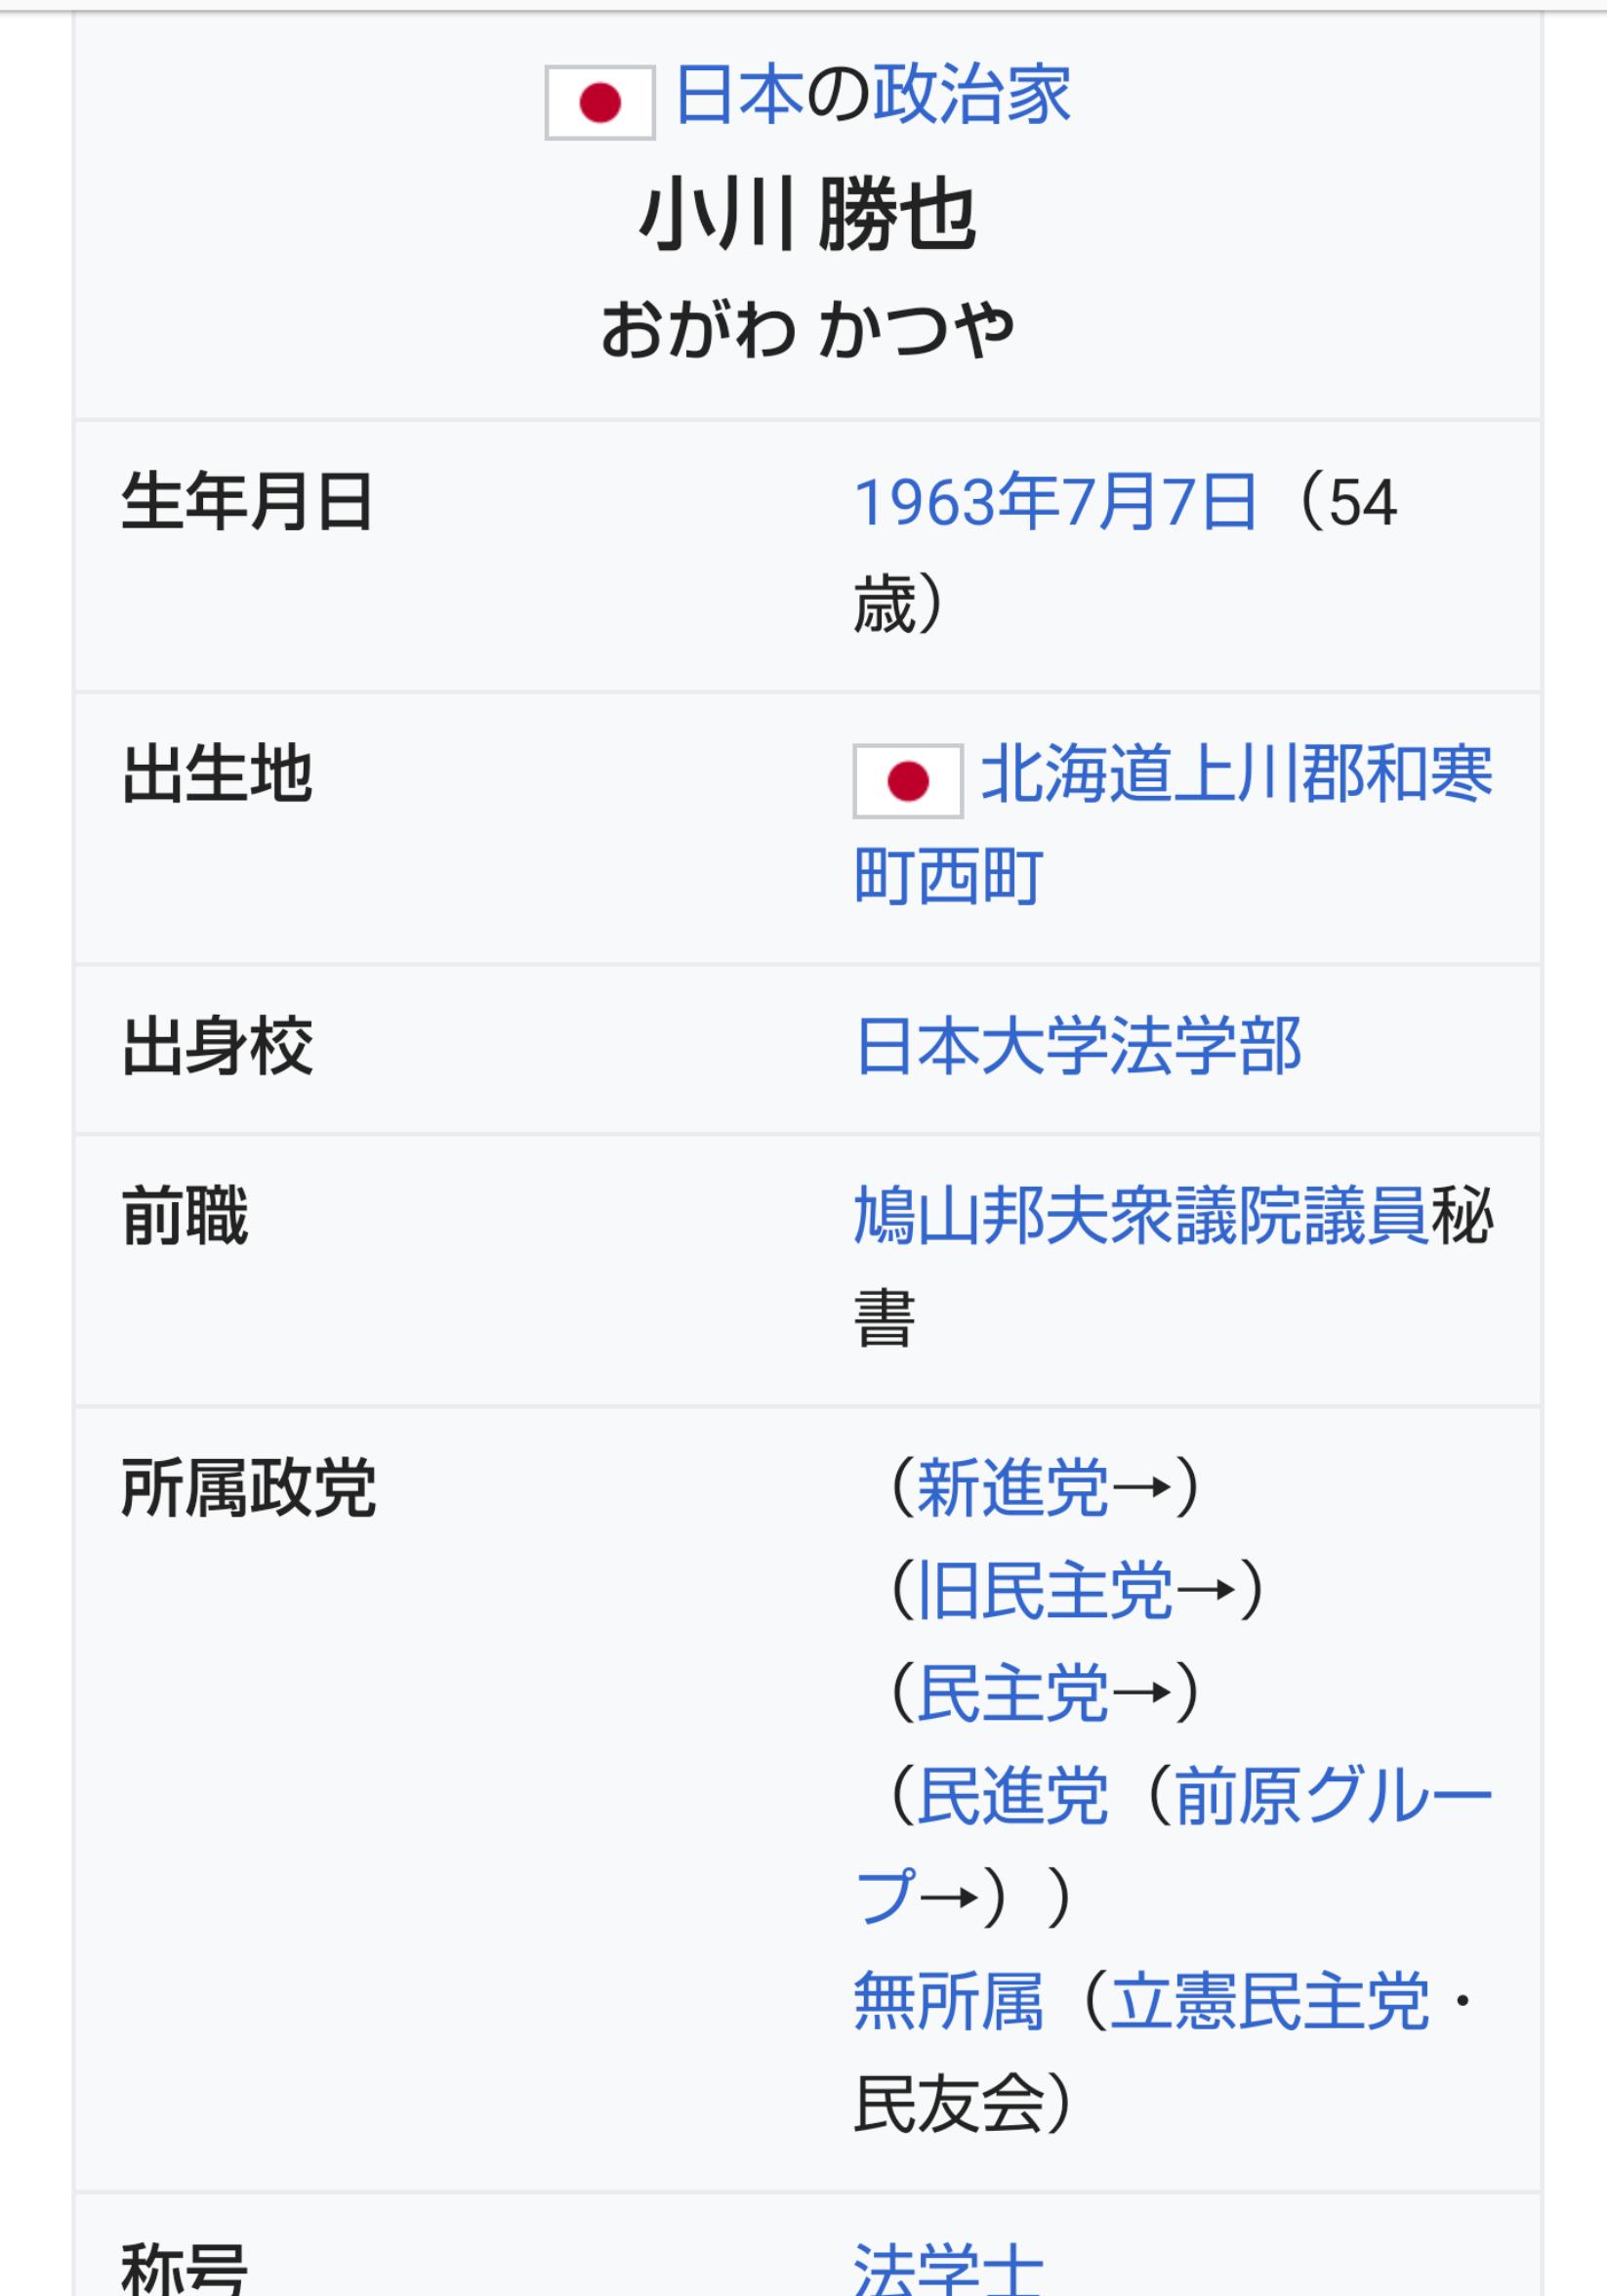 小川勝也議員の長男、保釈中の容疑で逮捕 小学生女児に強制わいせつ